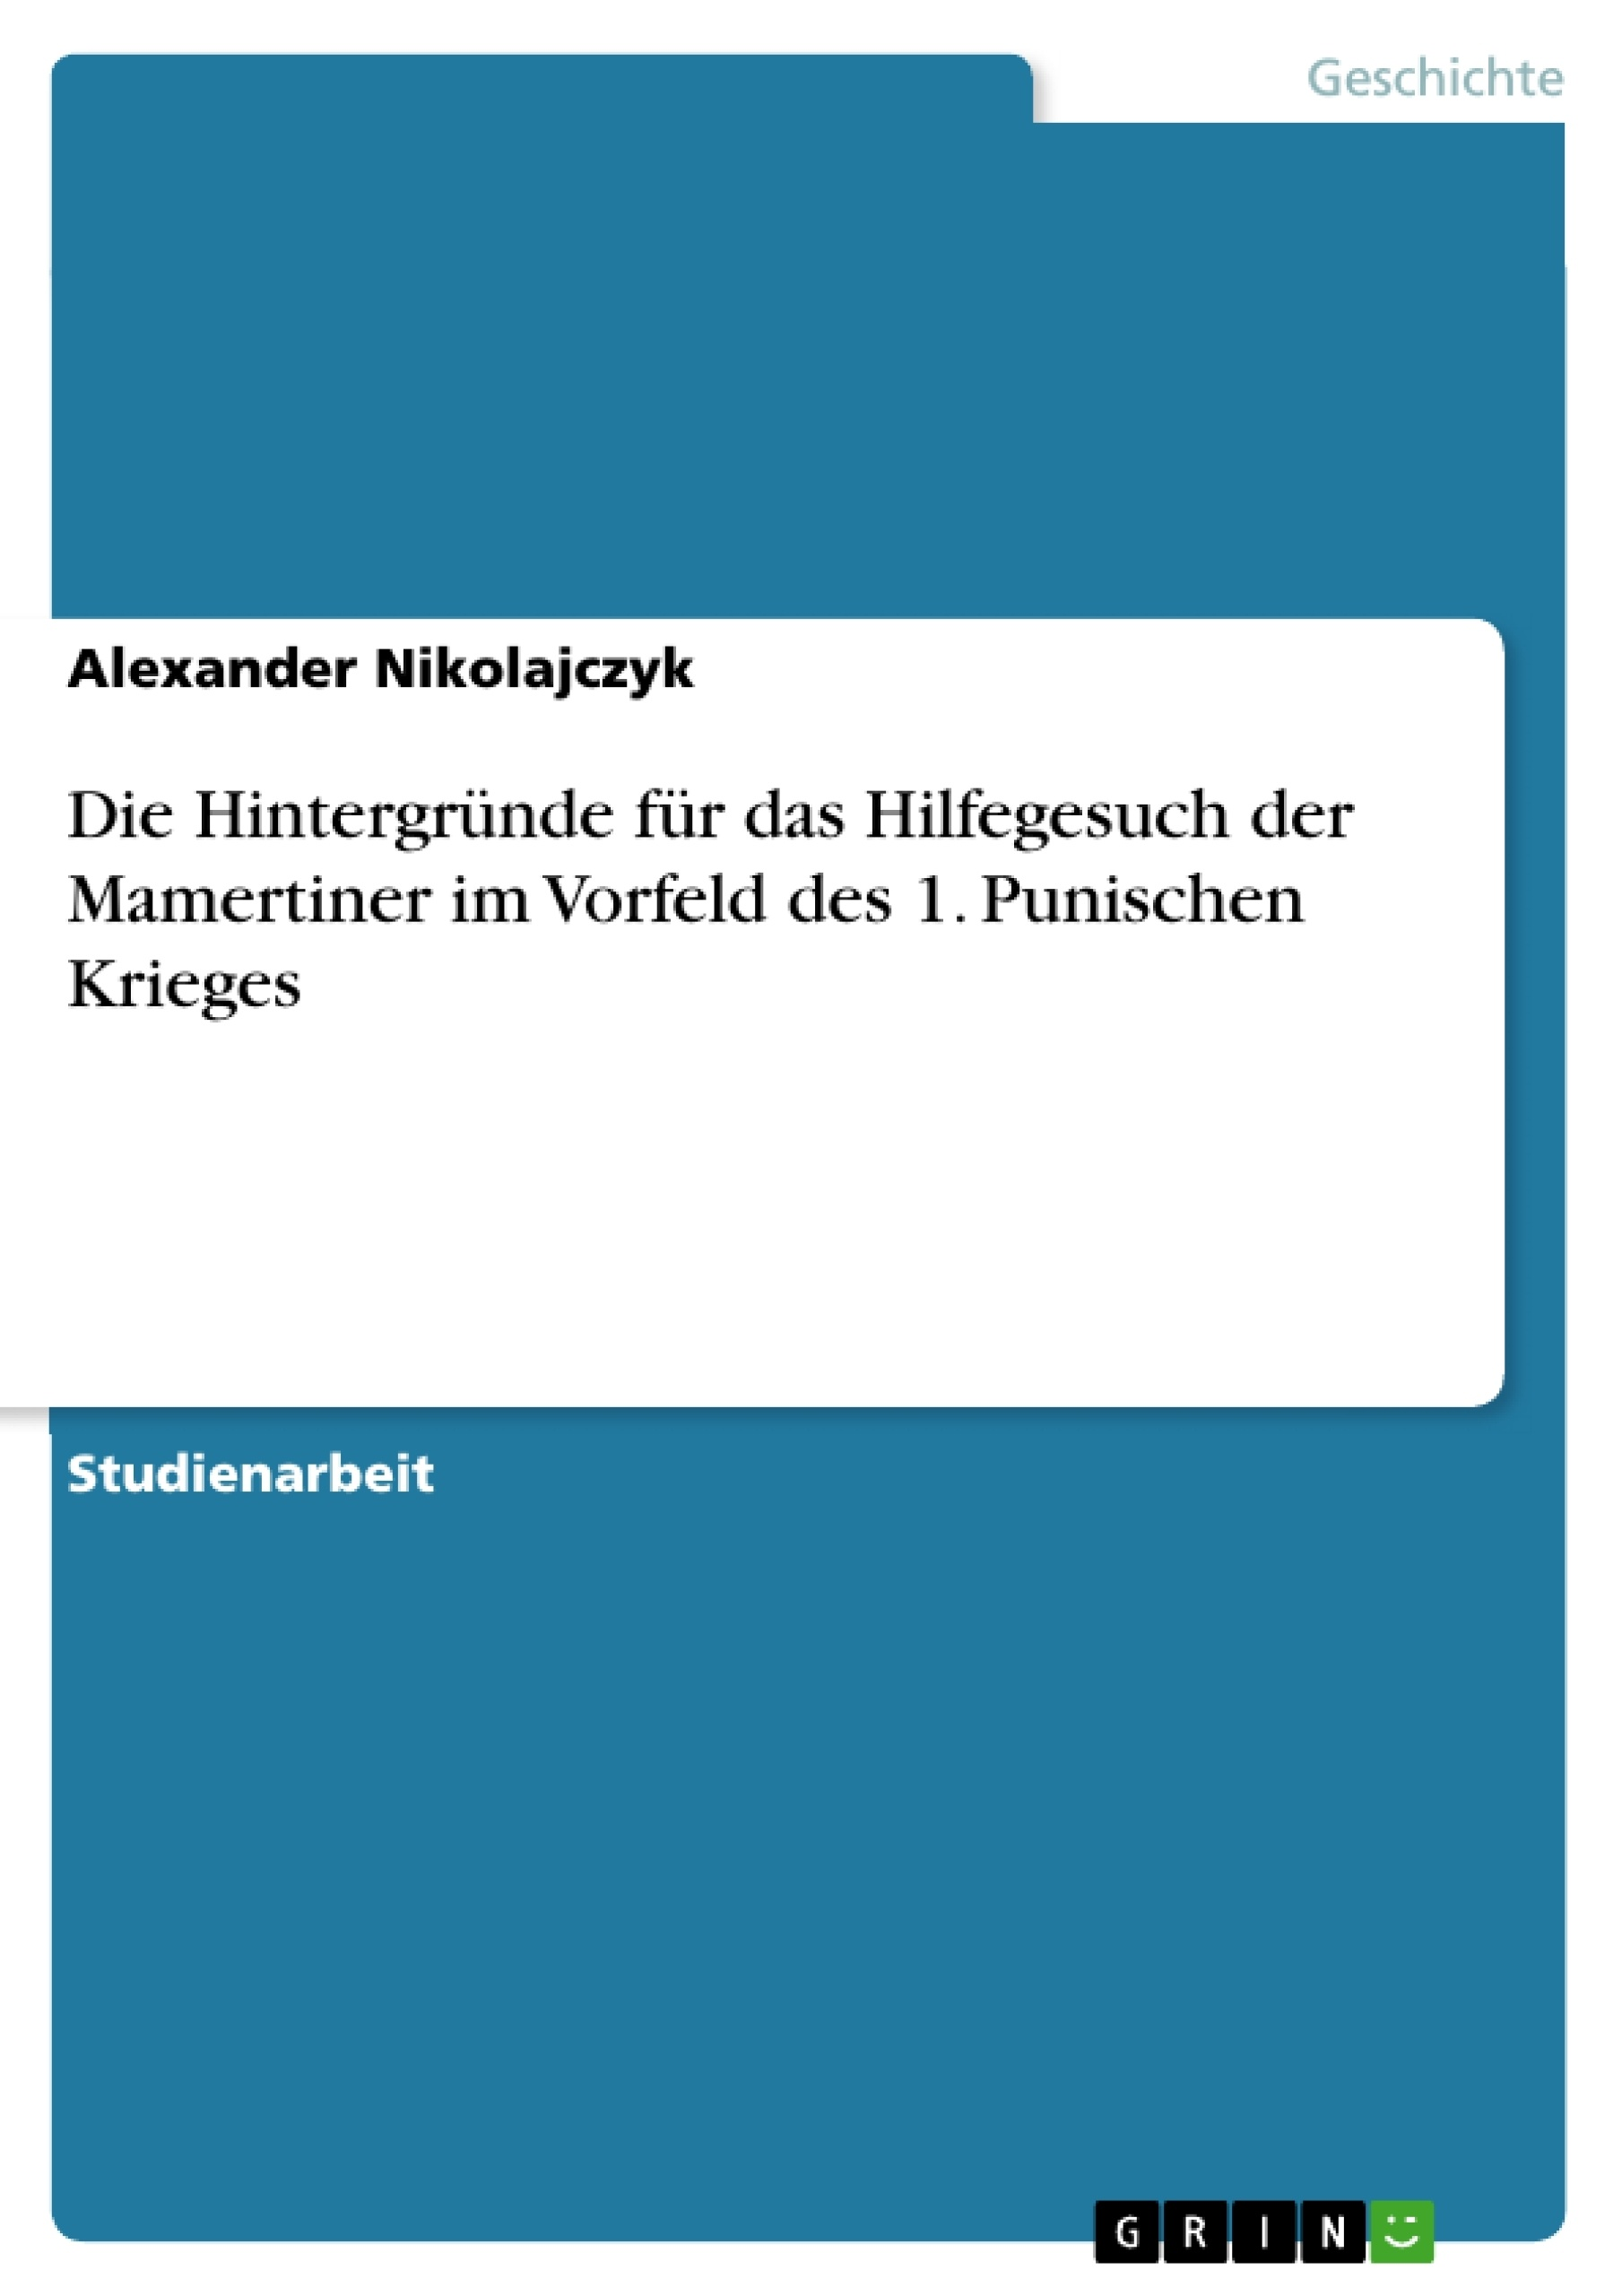 Titel: Die Hintergründe für das Hilfegesuch der Mamertiner im Vorfeld des 1. Punischen Krieges